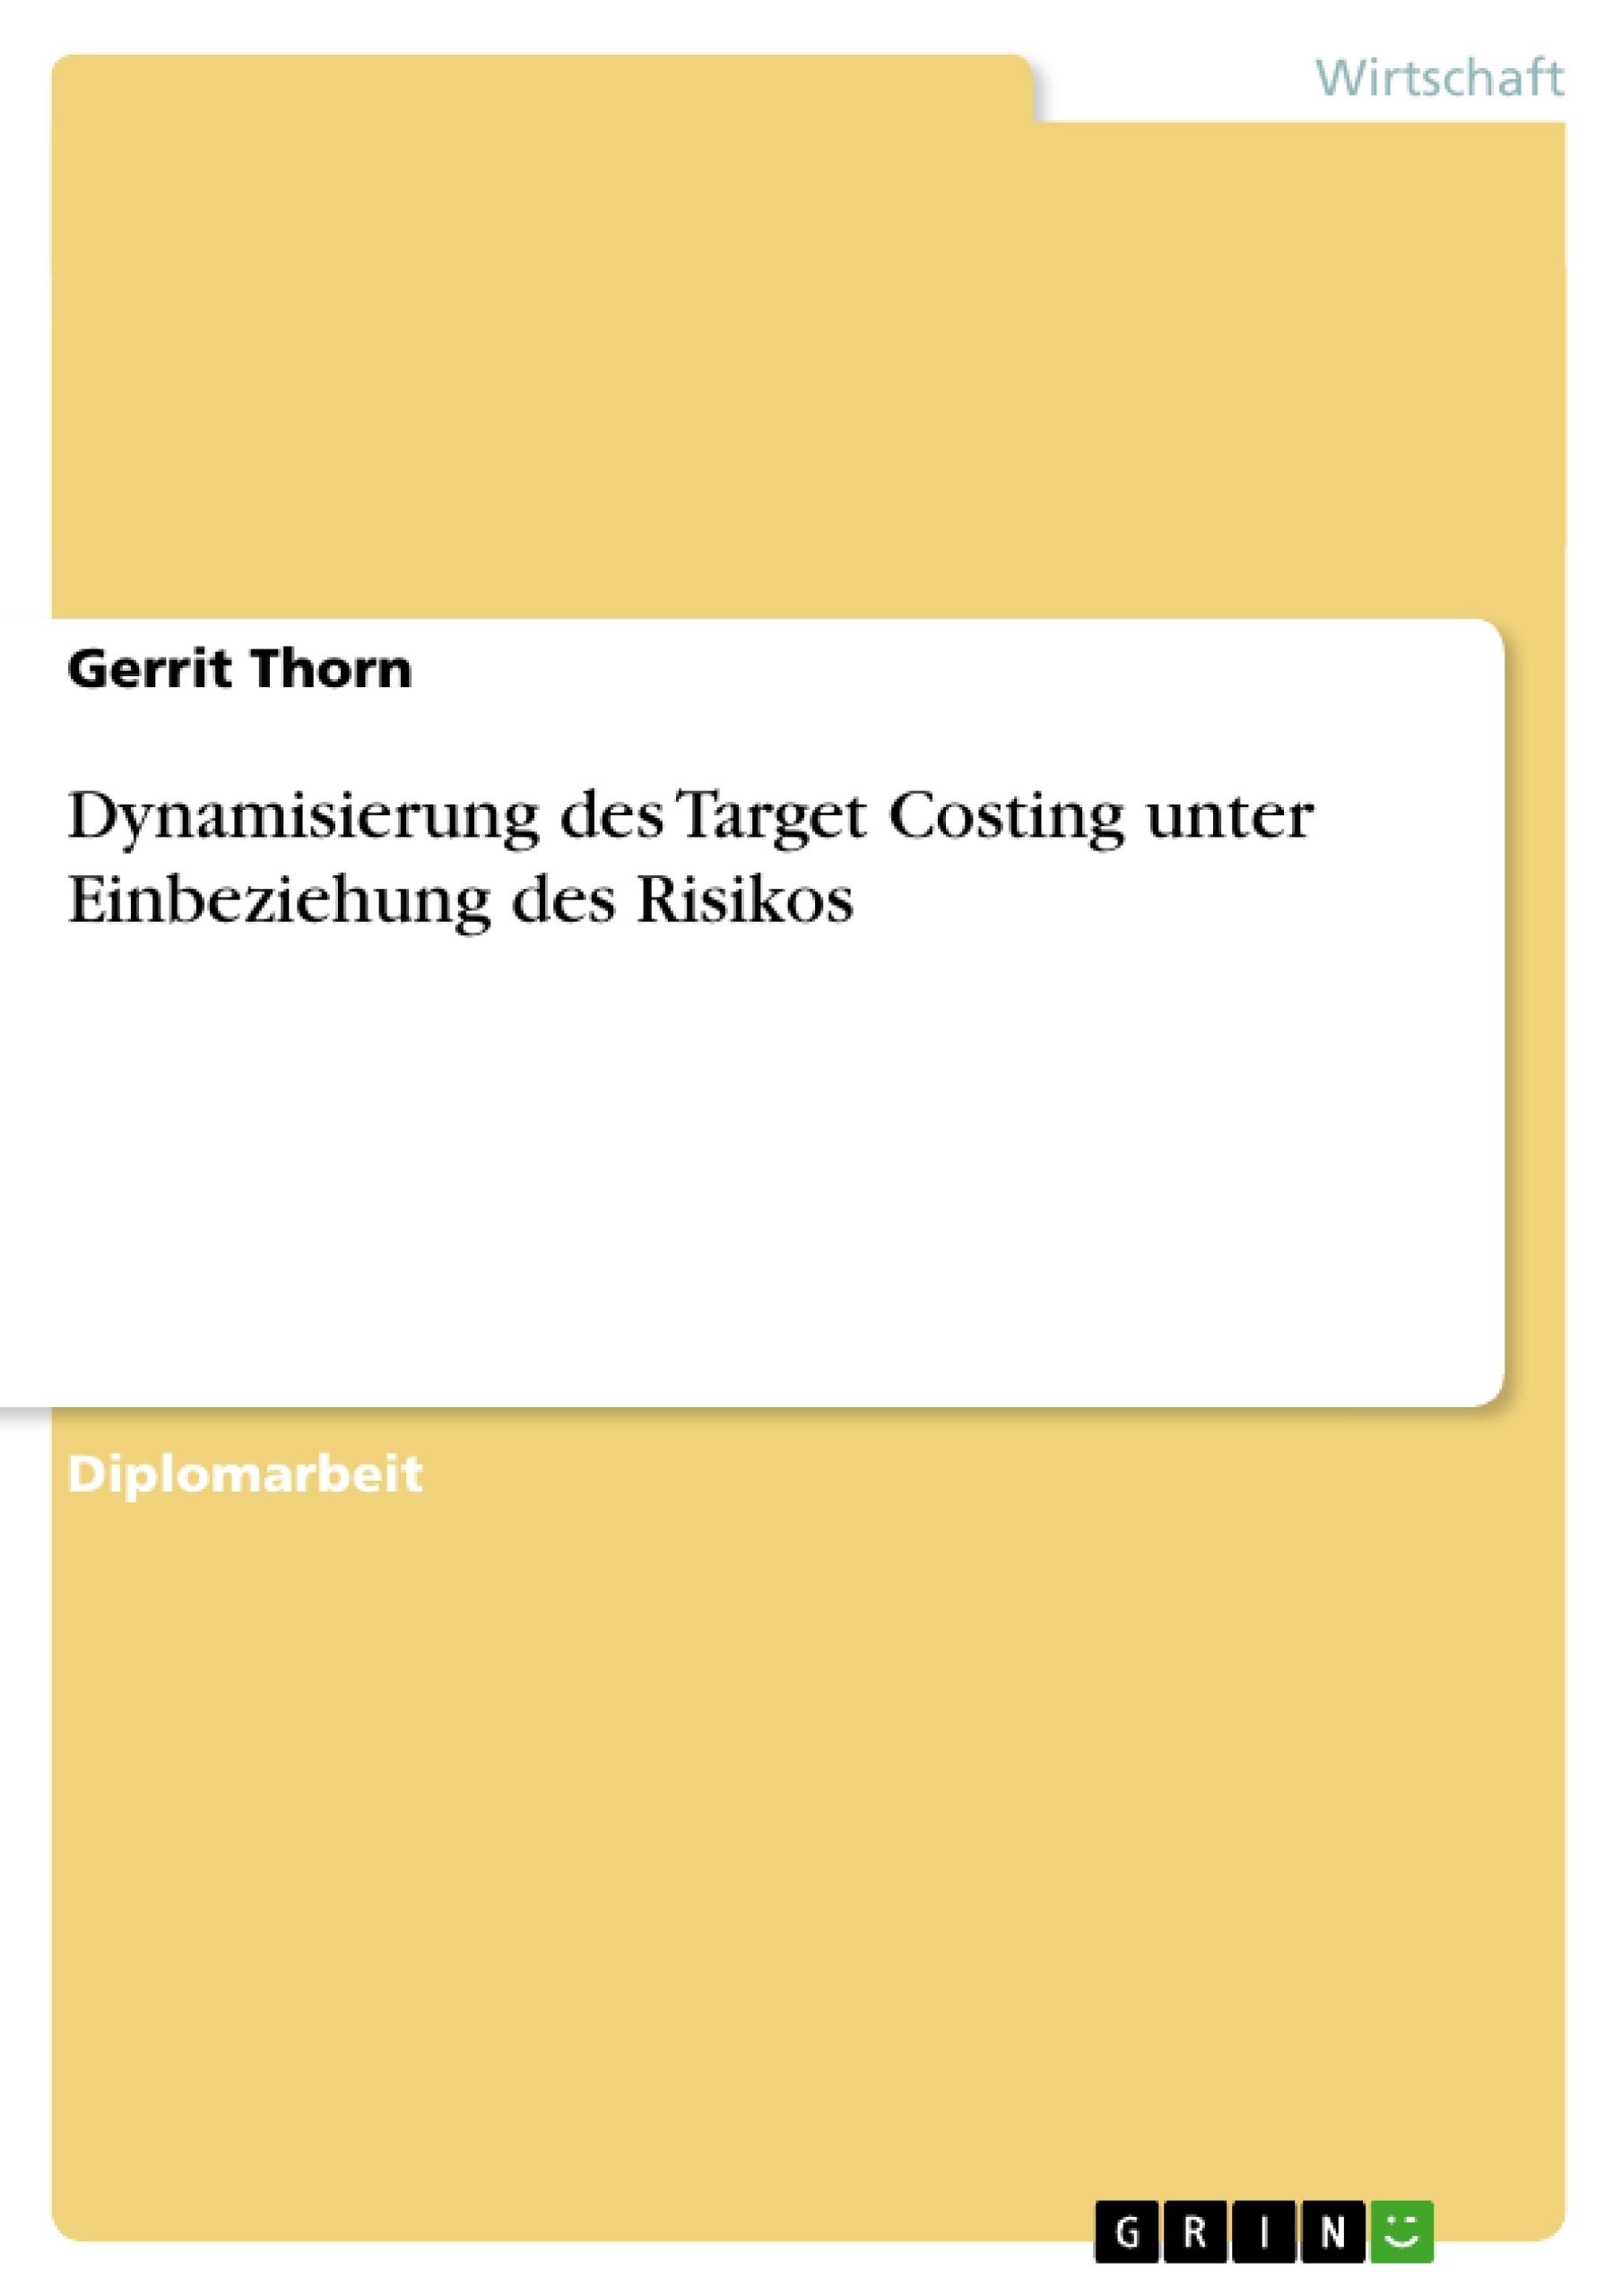 Titel: Dynamisierung des Target Costing unter Einbeziehung des Risikos